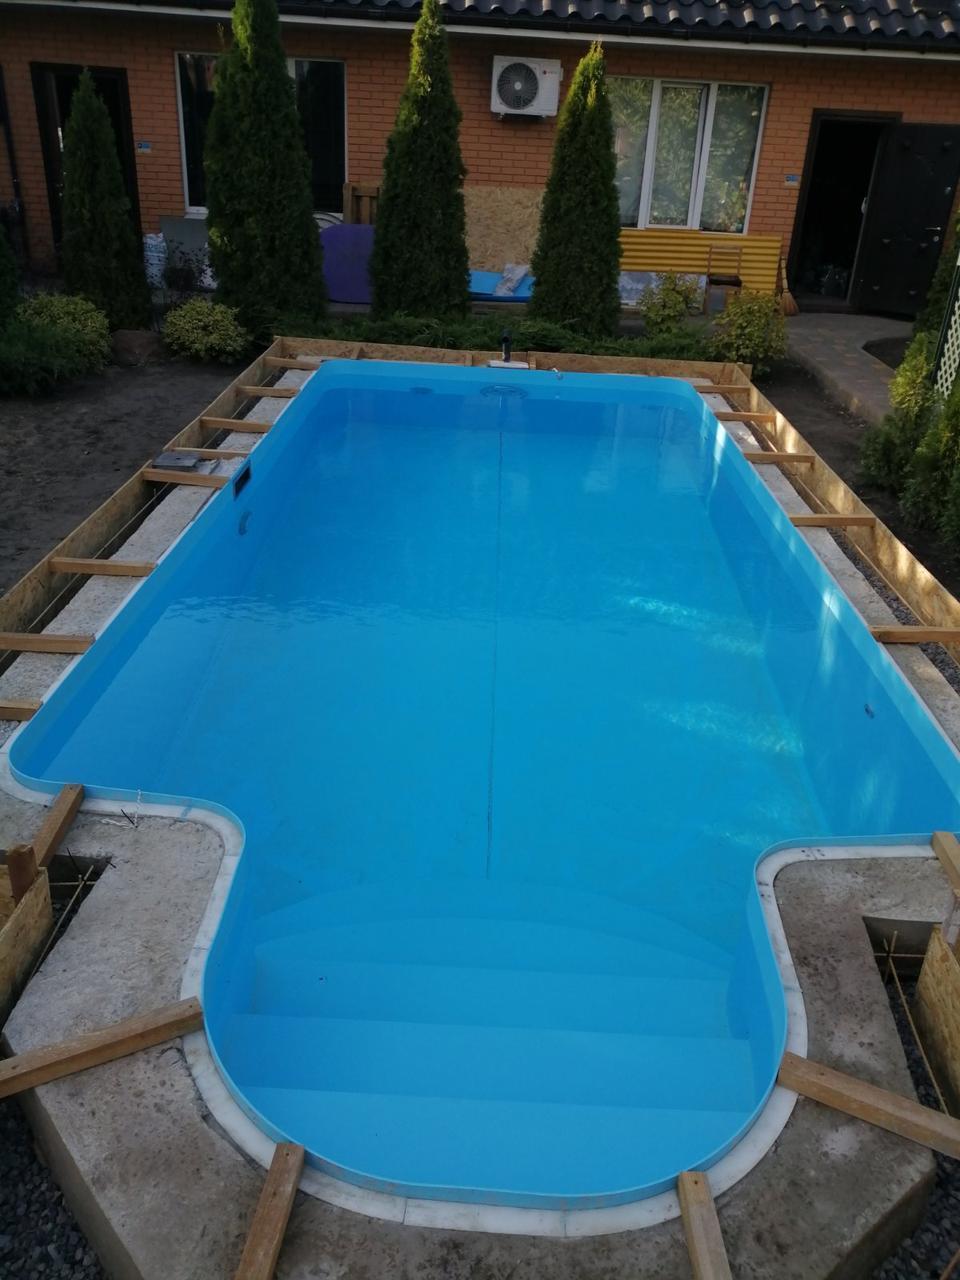 Полипропиленовый бассейн от производителя - 6,0 x 3,0 x 1,5 м ПОД КЛЮЧ!